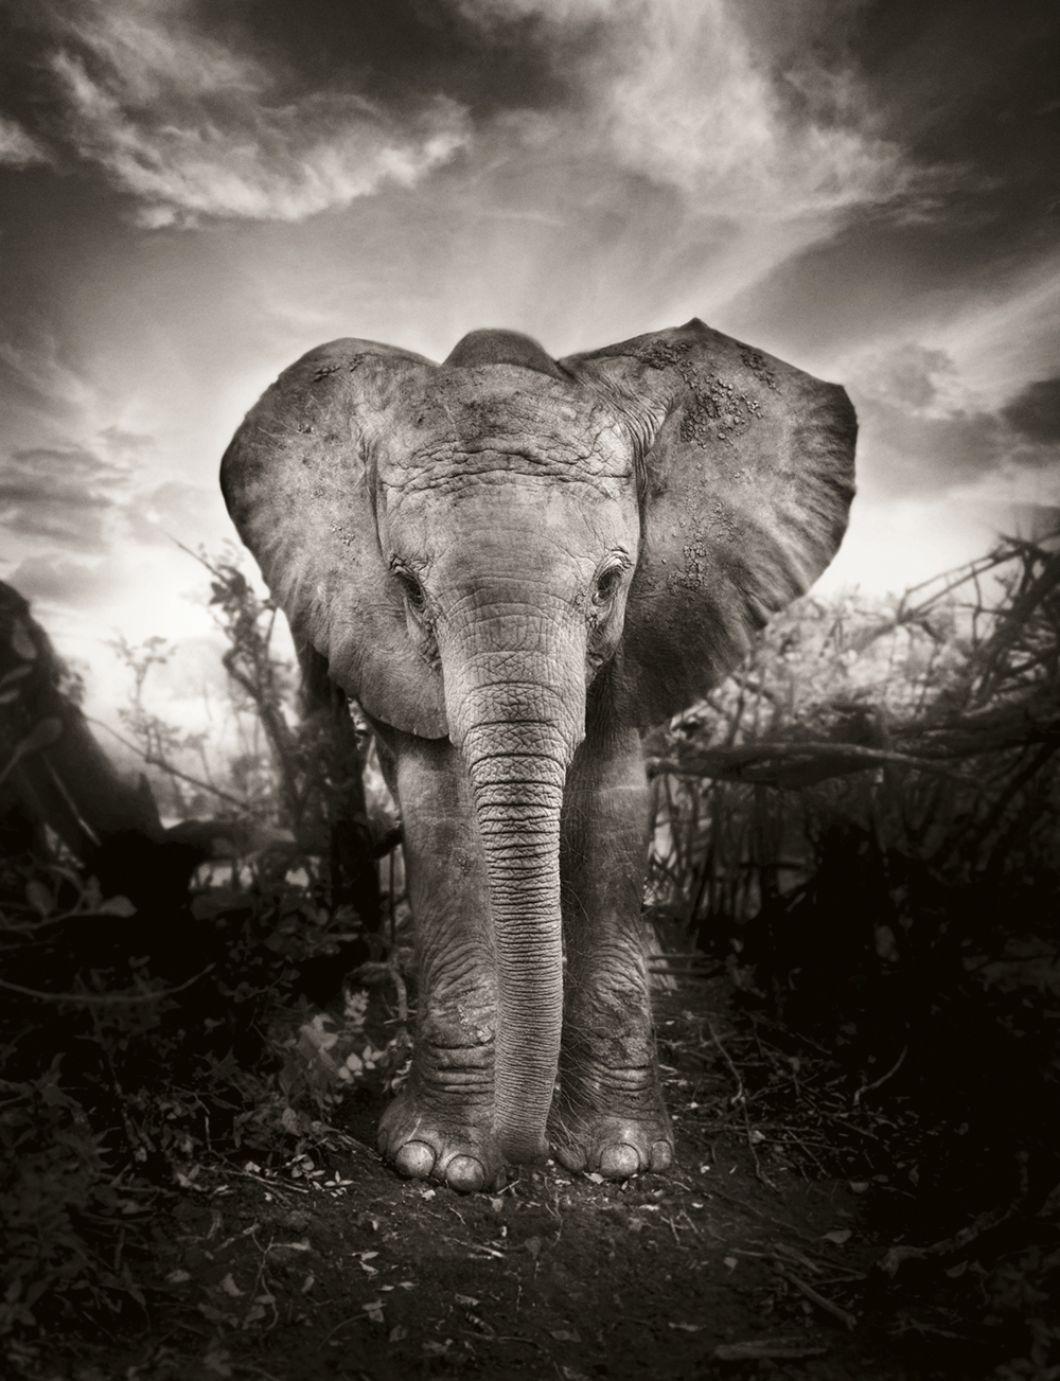 «Ce projet a commencé comme une sorte de coïncidence –ou comme un signe du destin, si vous préférez. J'étais déjà tombé amoureux de l'Afrique; je m'étais renduau Ghana et en Afrique du Sud pour plusieurs reportages. En 2009, mon fils Konstantin a eu 15 ans et comme cadeau d'anniversaire, nous avons fait de lui le parent adoptif d'un petit éléphant orphelin, âgé d'un an et nommé Kibo.»